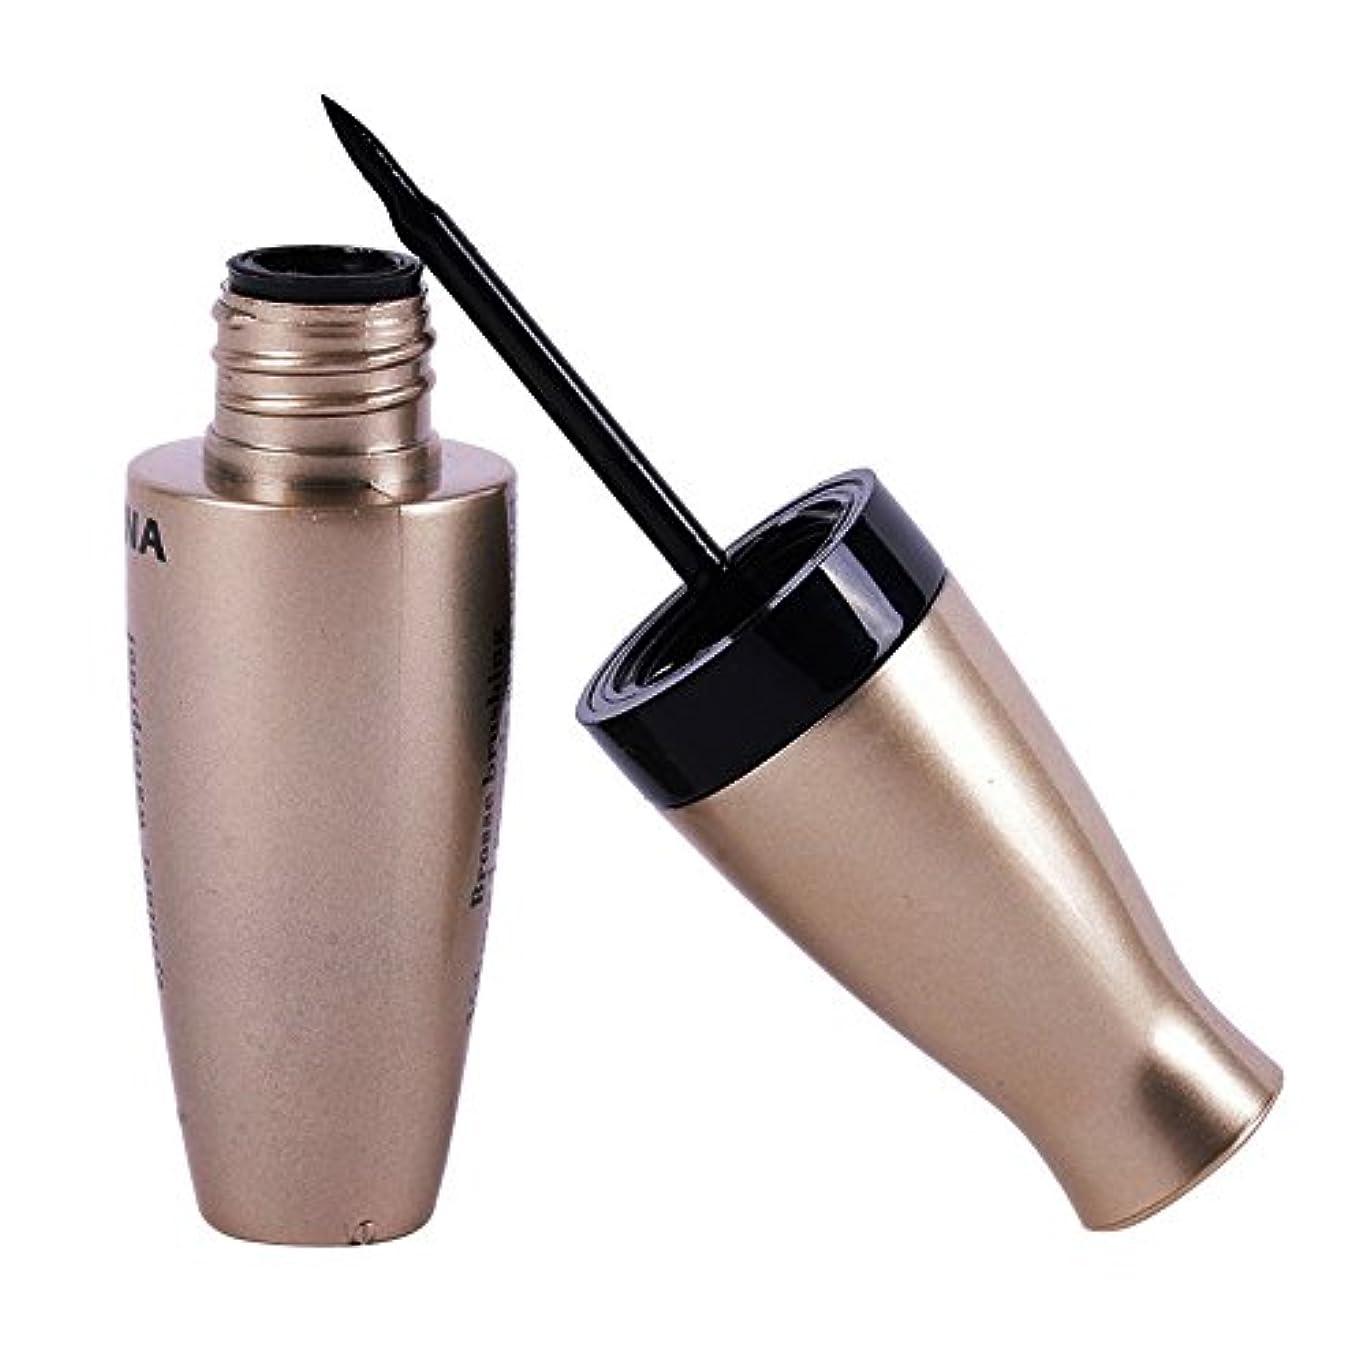 特徴ステートメントソブリケット新しいアイライナー防水リキッドアイライナーペンシルペンメイクアップ美容化粧品